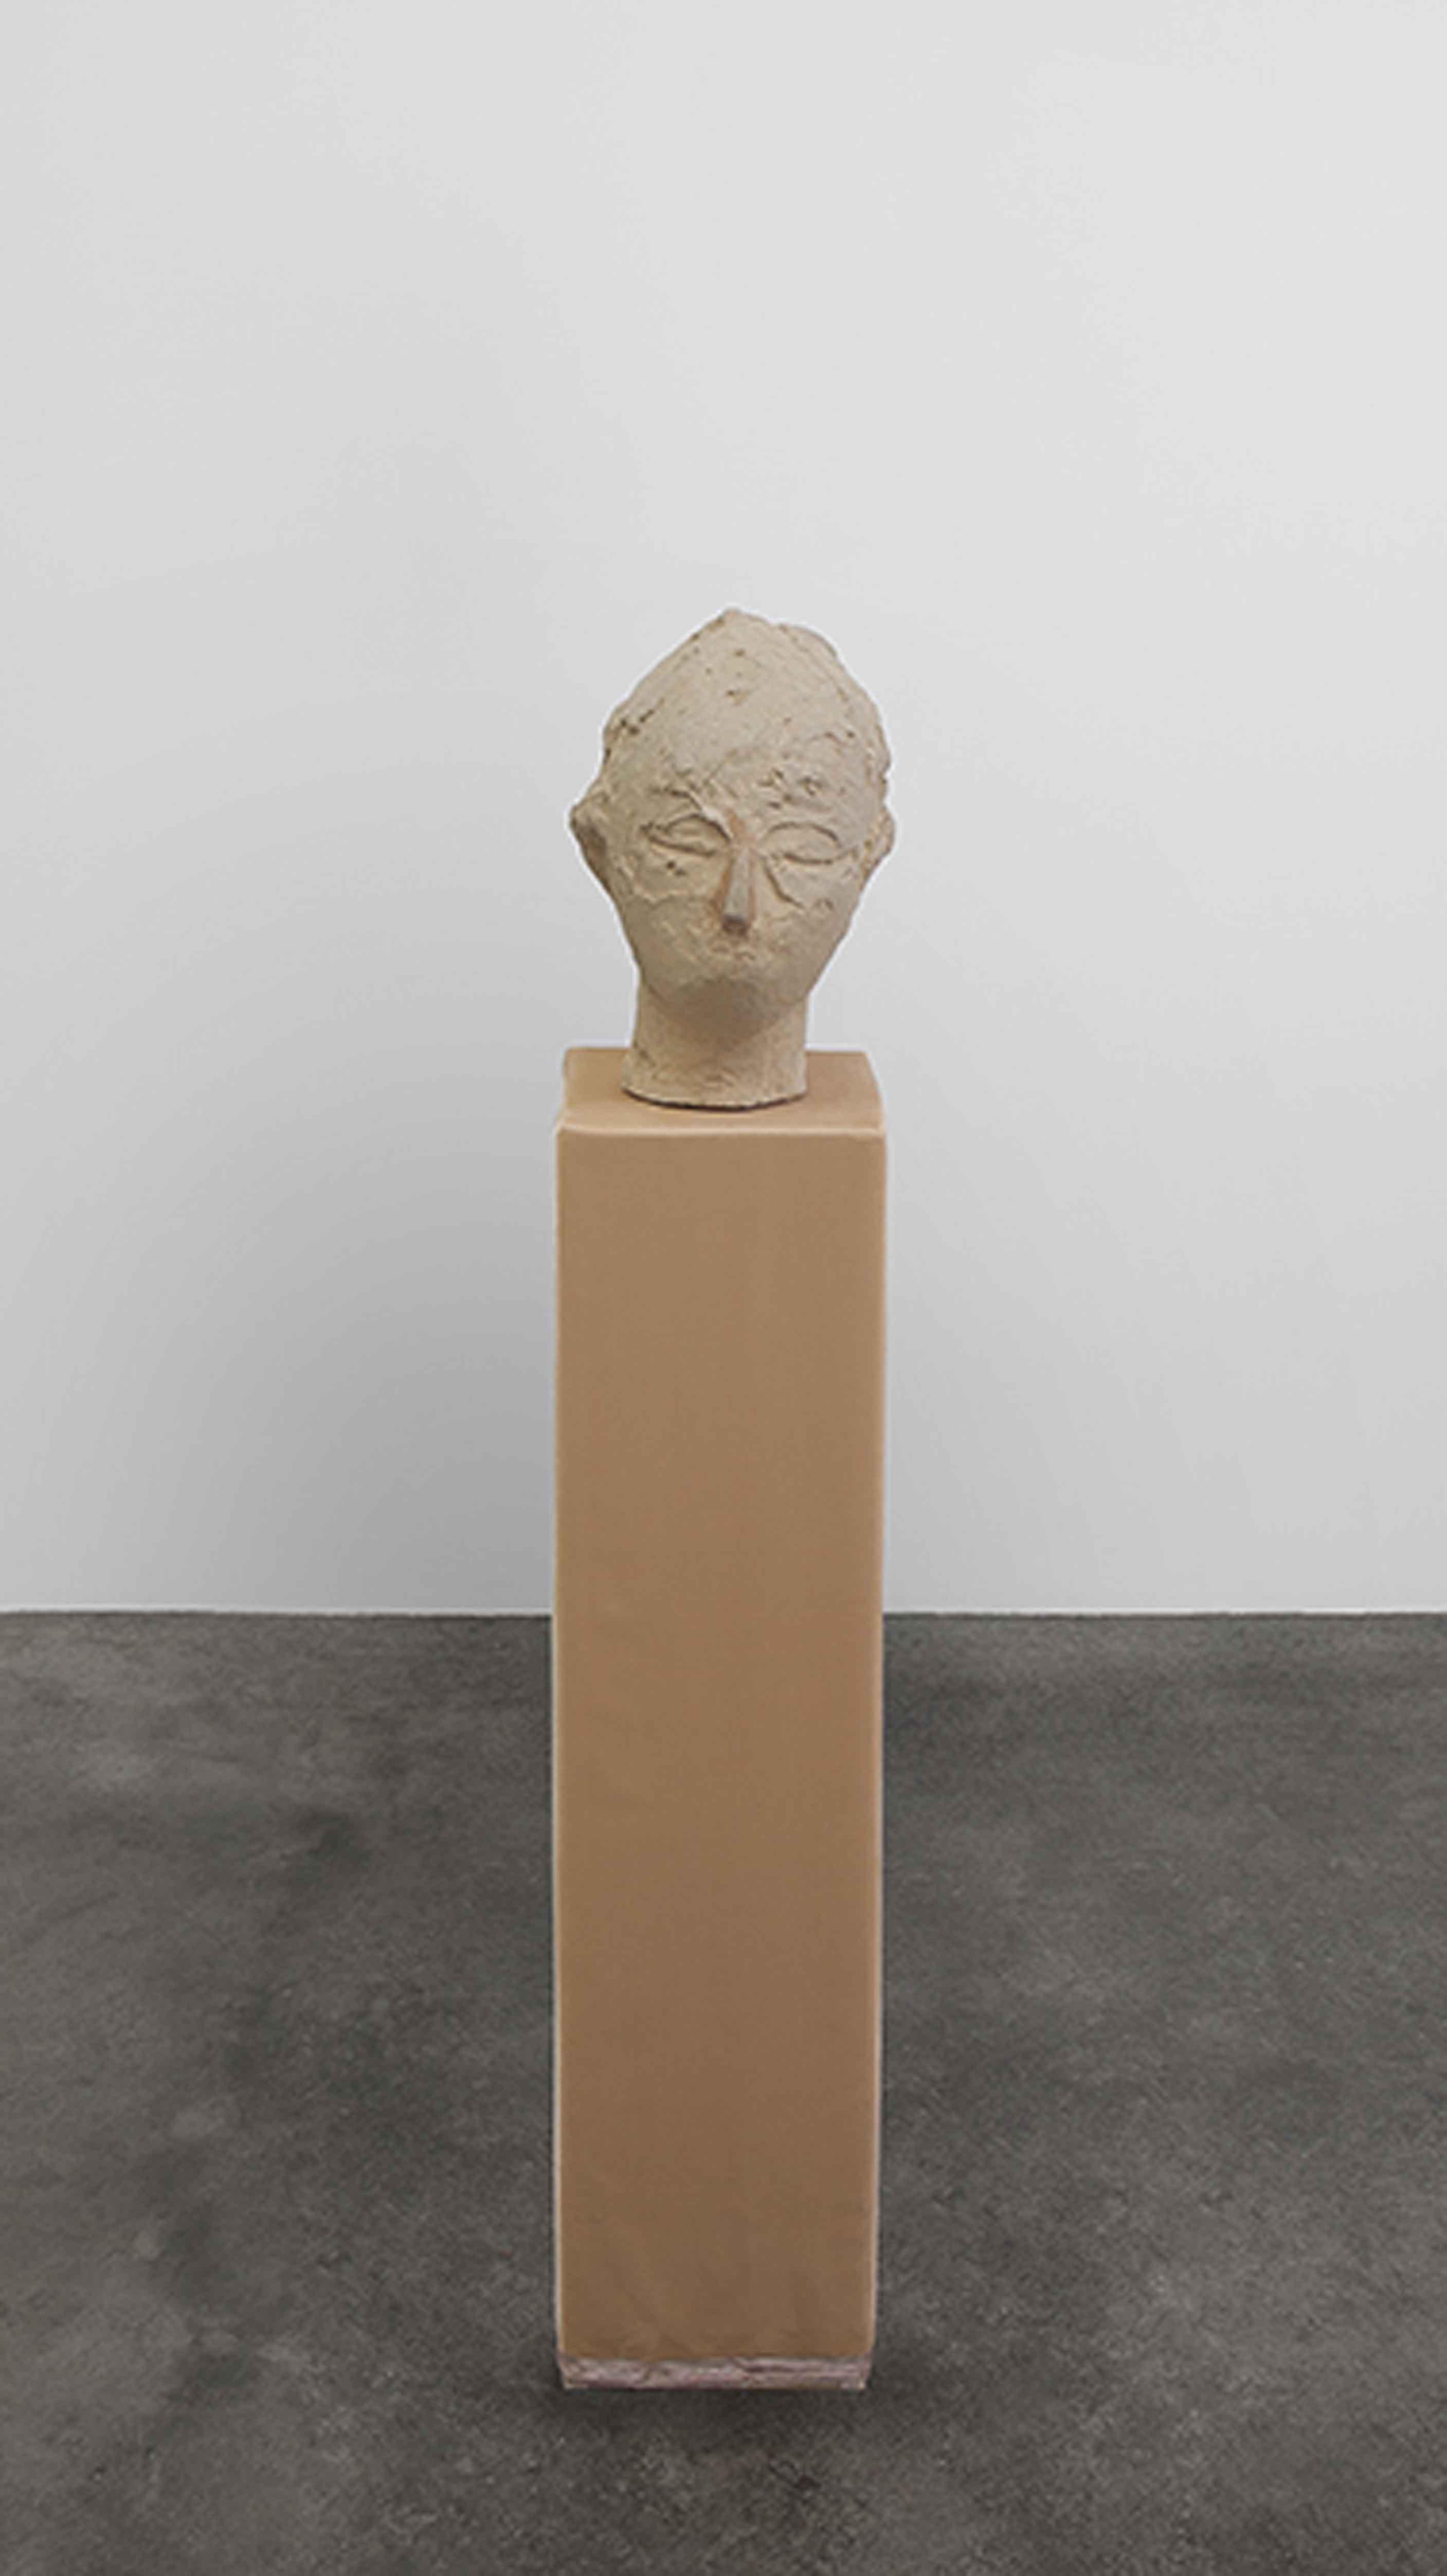 vb.ceramic, Vanessa Beecroft, 2017